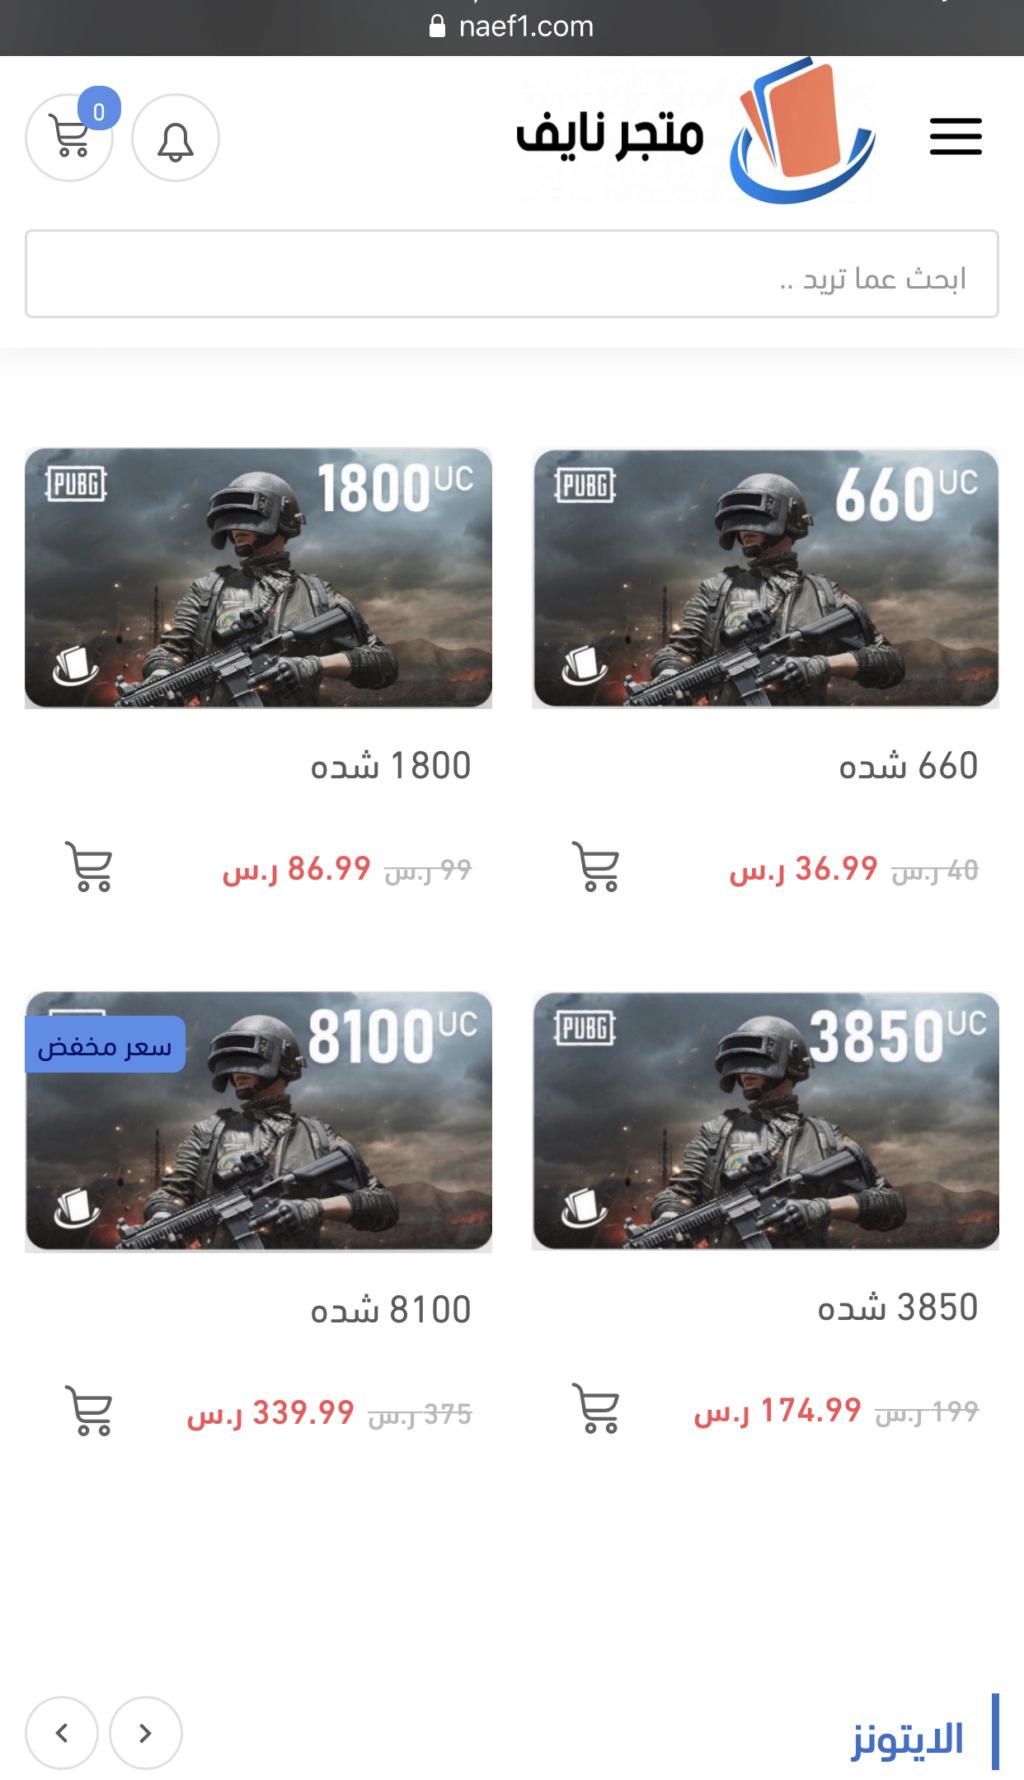 متجر نايف اقوى موقع للبطاقات الرقمية Aoy_ao13